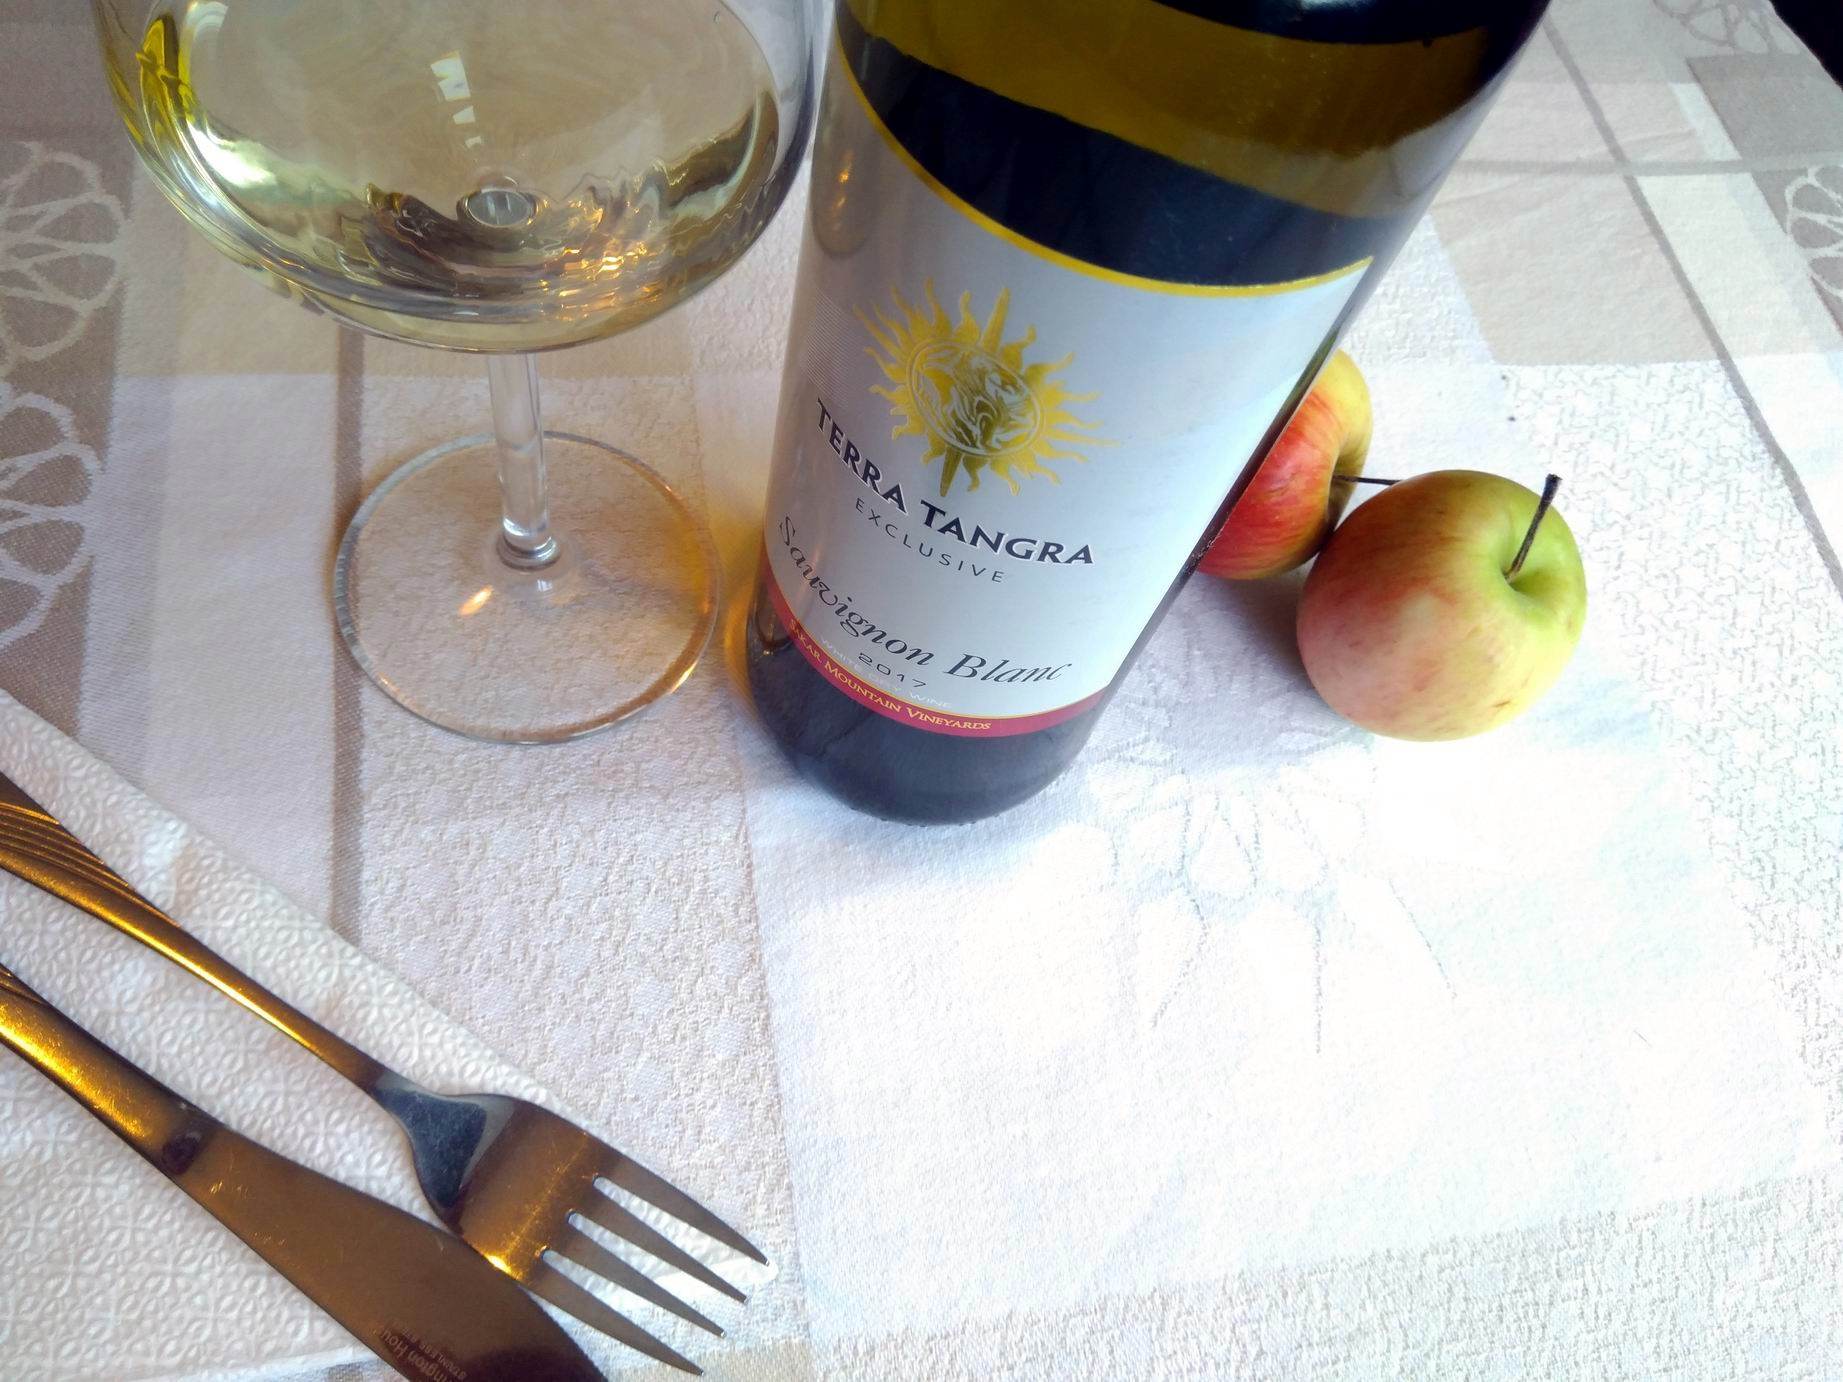 Sauvignon Blanc 2017 – Terra Tangra